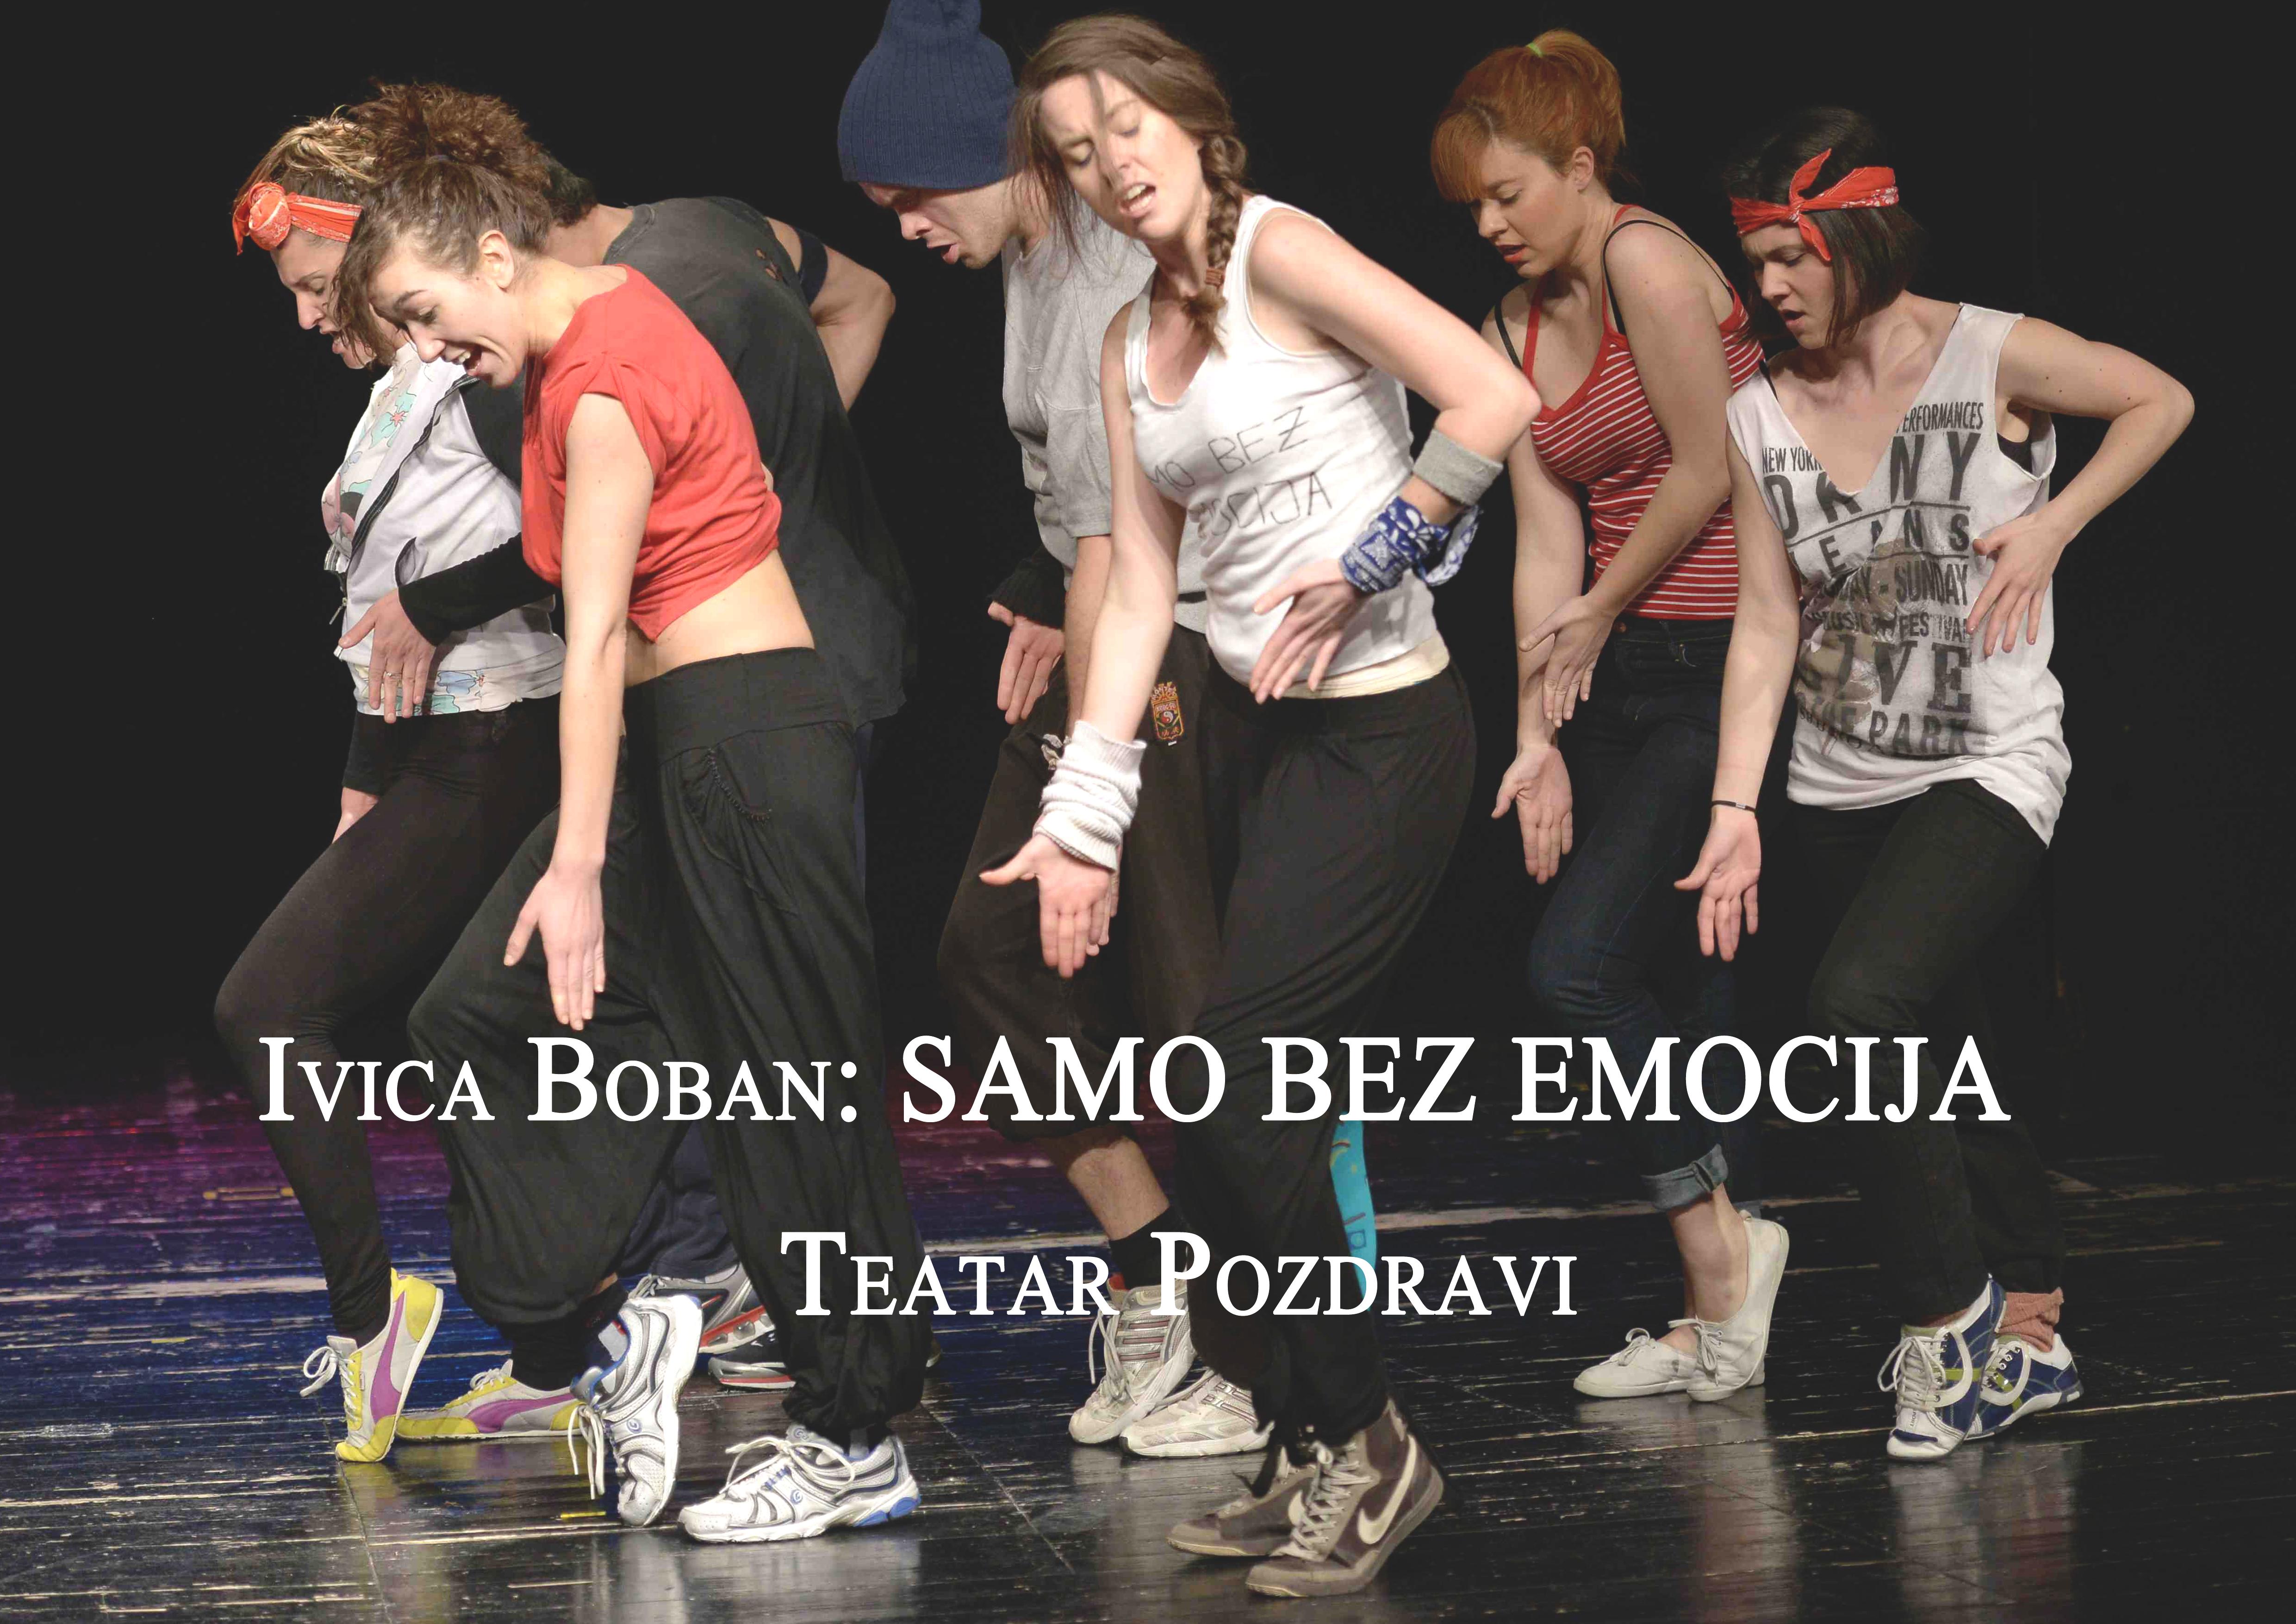 Samo bez emocija, Ivica Boban, Teatar Pozdravi